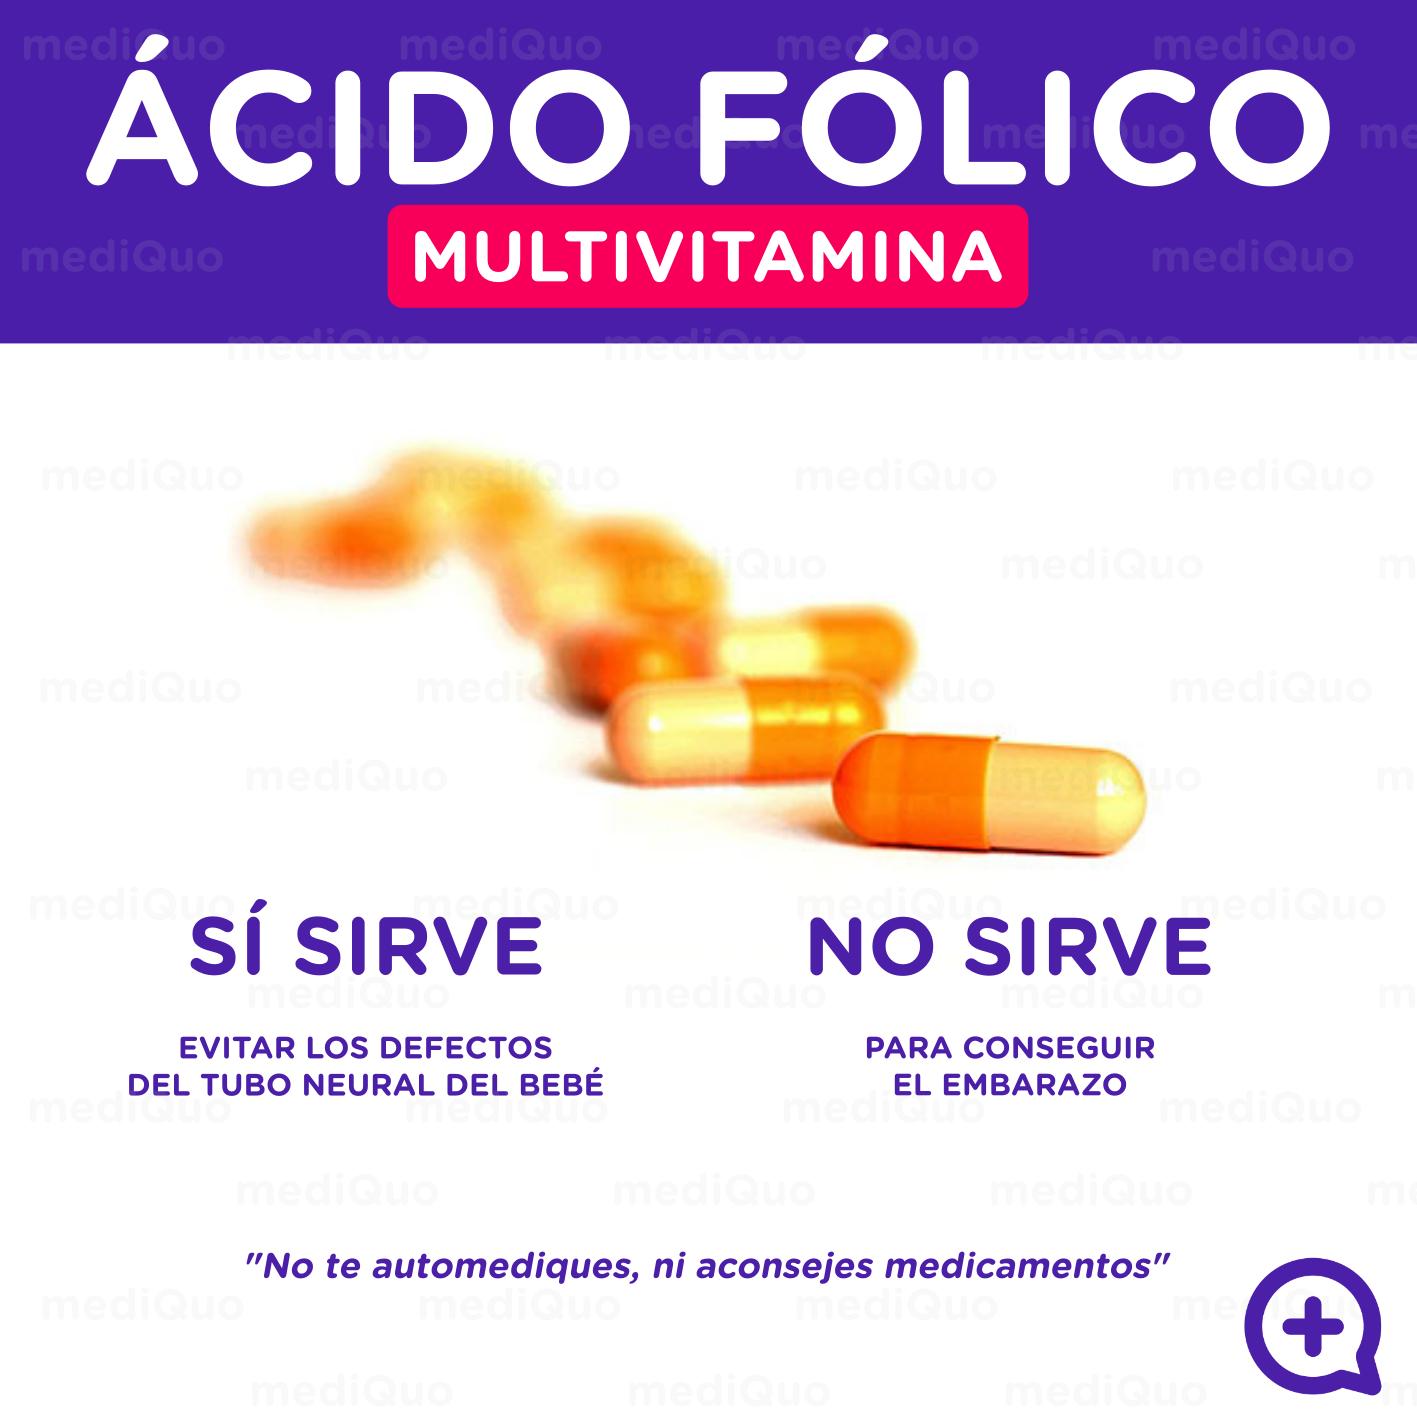 ácido fólico, embarazo, multivitamina, mediquo, salud, ginecología, obstetricia.